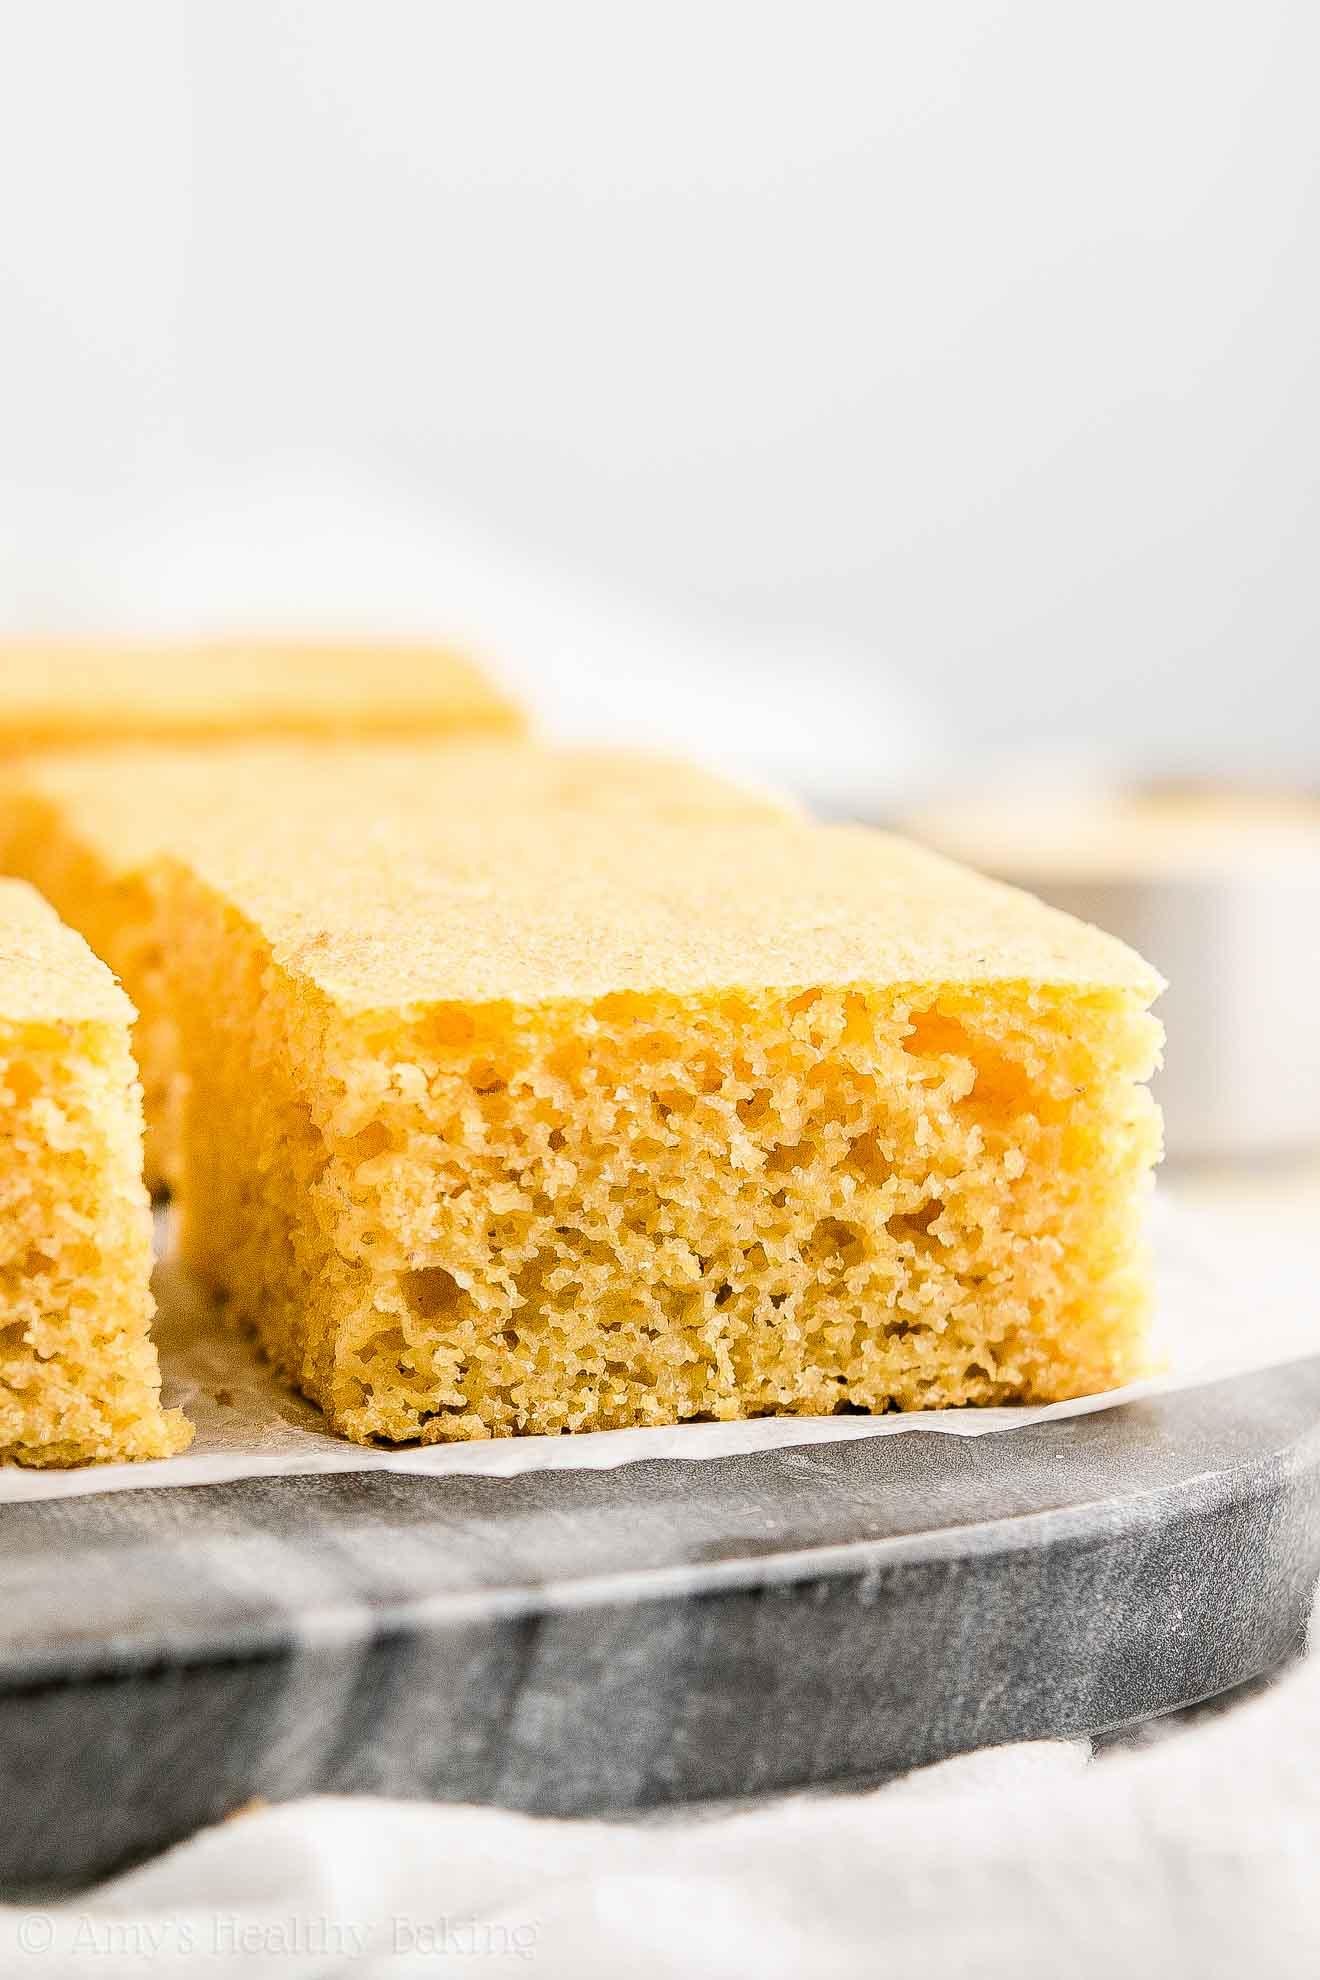 Easy Healthy Buttermilk Cornbread with no sugar